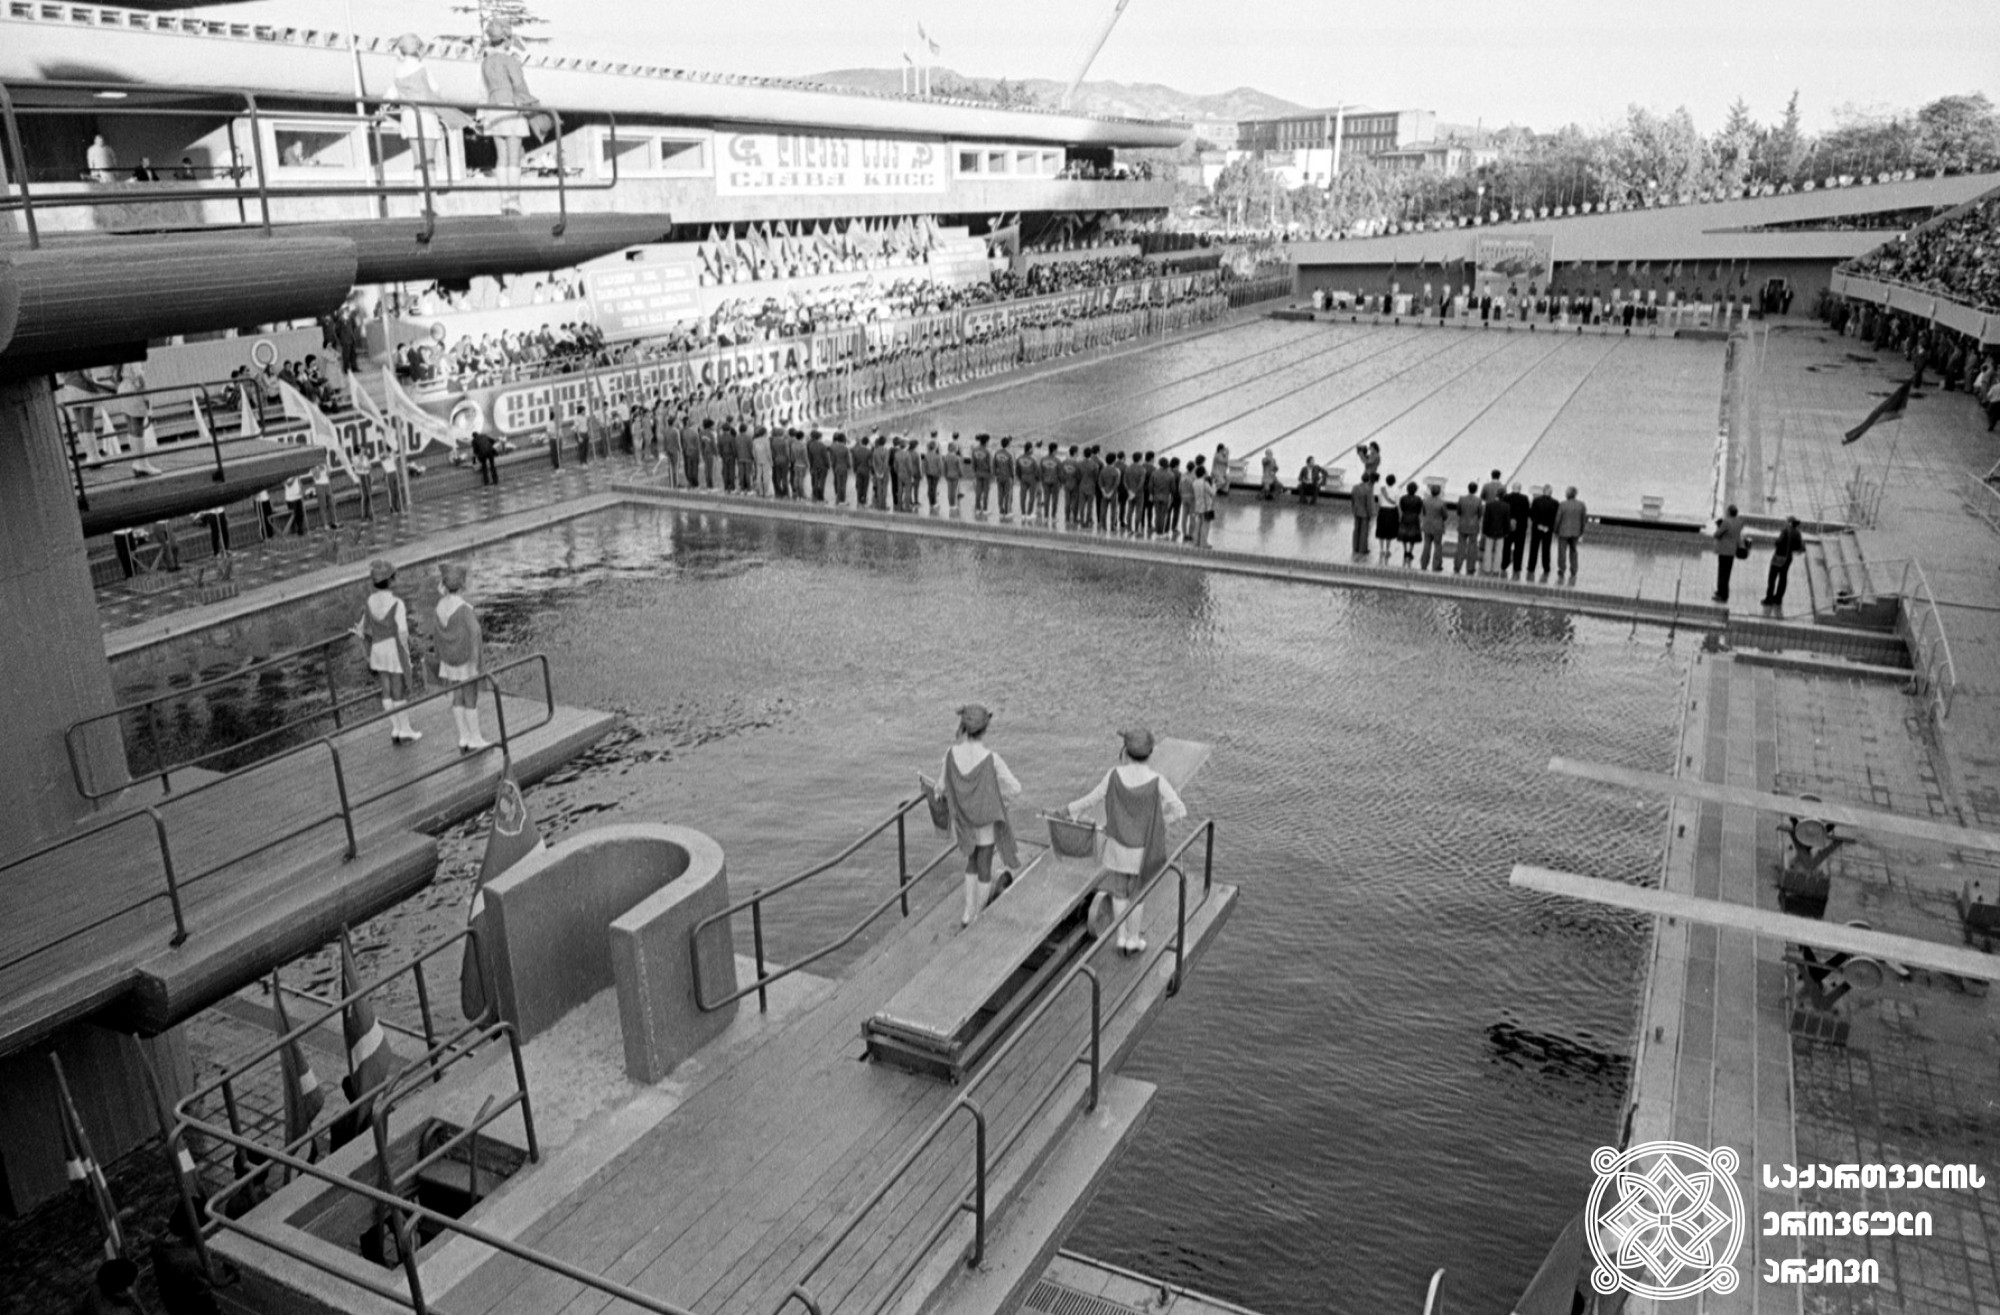 """თბილისის ცენტრალური საწყლოსნო სპორტული კომპლექსი (დღევანდელი """"ლაგუნა ვერე""""). თბილისი. <br>საქინფორმის ფოტოქრონიკა. ფოტო: გივი კიკვაძე. <br> 1978. <br> Tbilisi Central Water Sport Complex (Today Laguna Vere). Tbilisi. <br> Sakinformi Photography Division. Photo by Givi Kikvadze. <br>1978."""